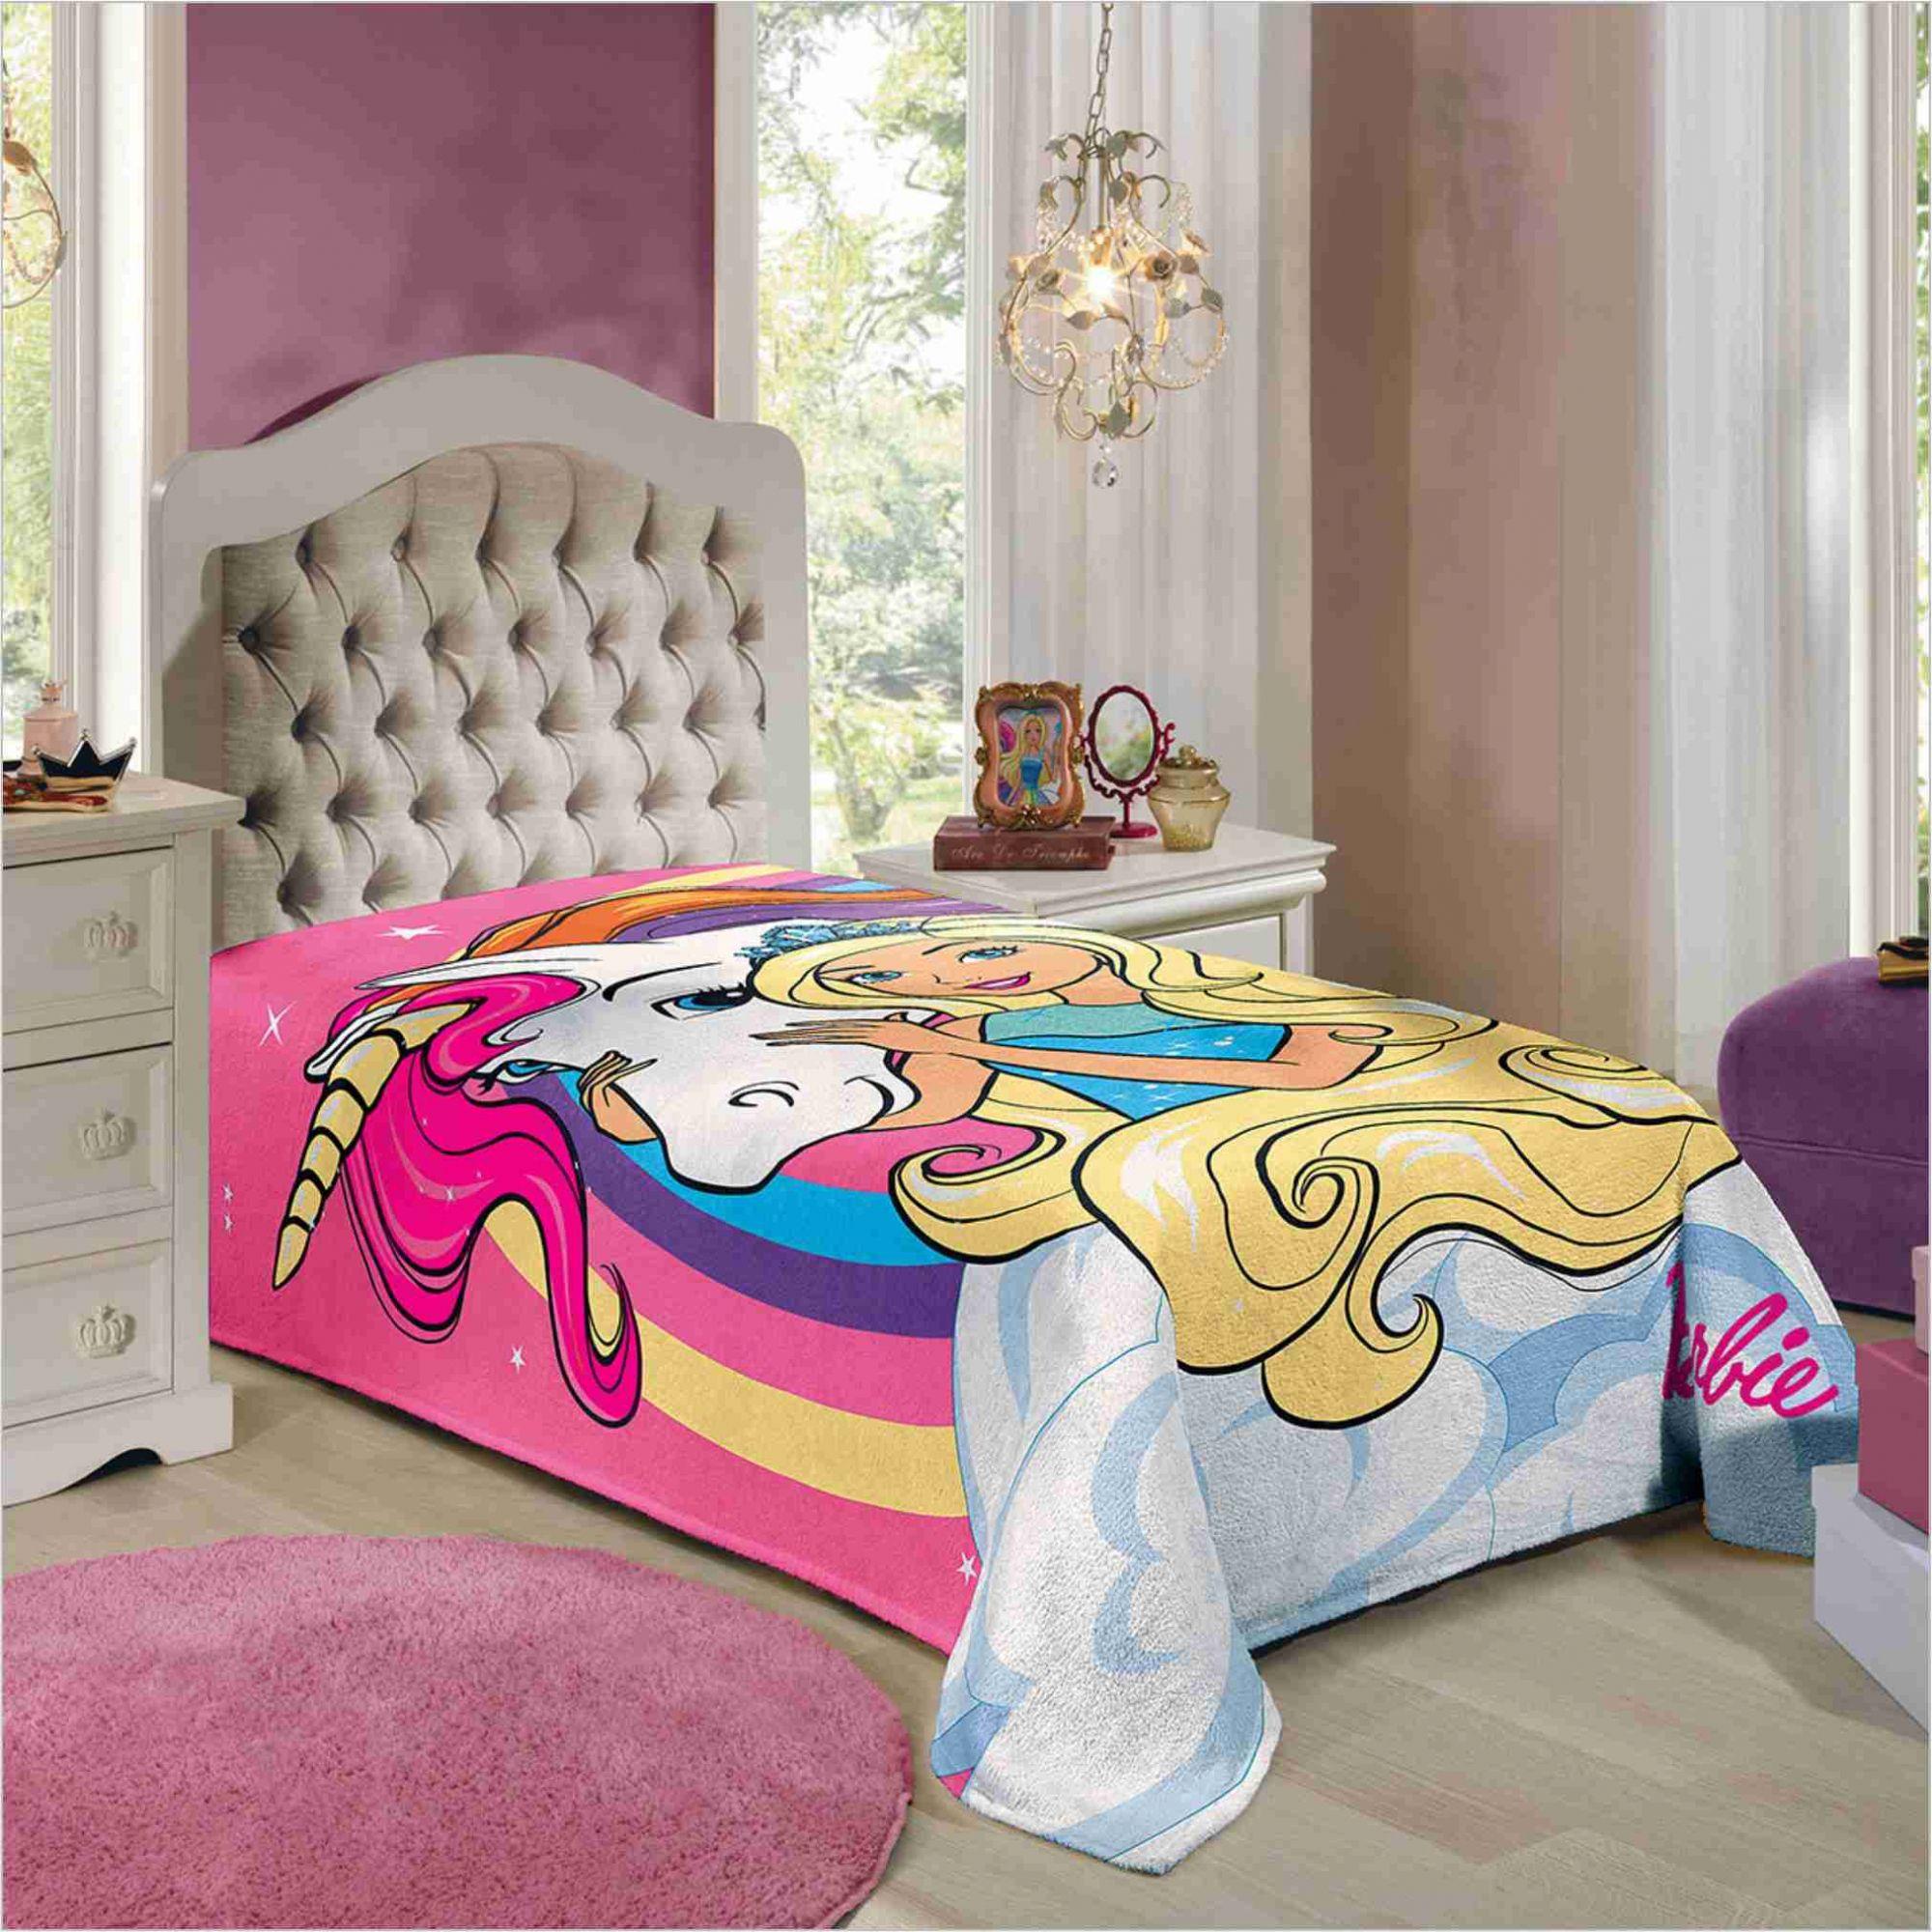 398778505f Manta+ Jogo Cama Lençol 2pçs Infantil Barbie Lepper - PEQUENININHOS.COM